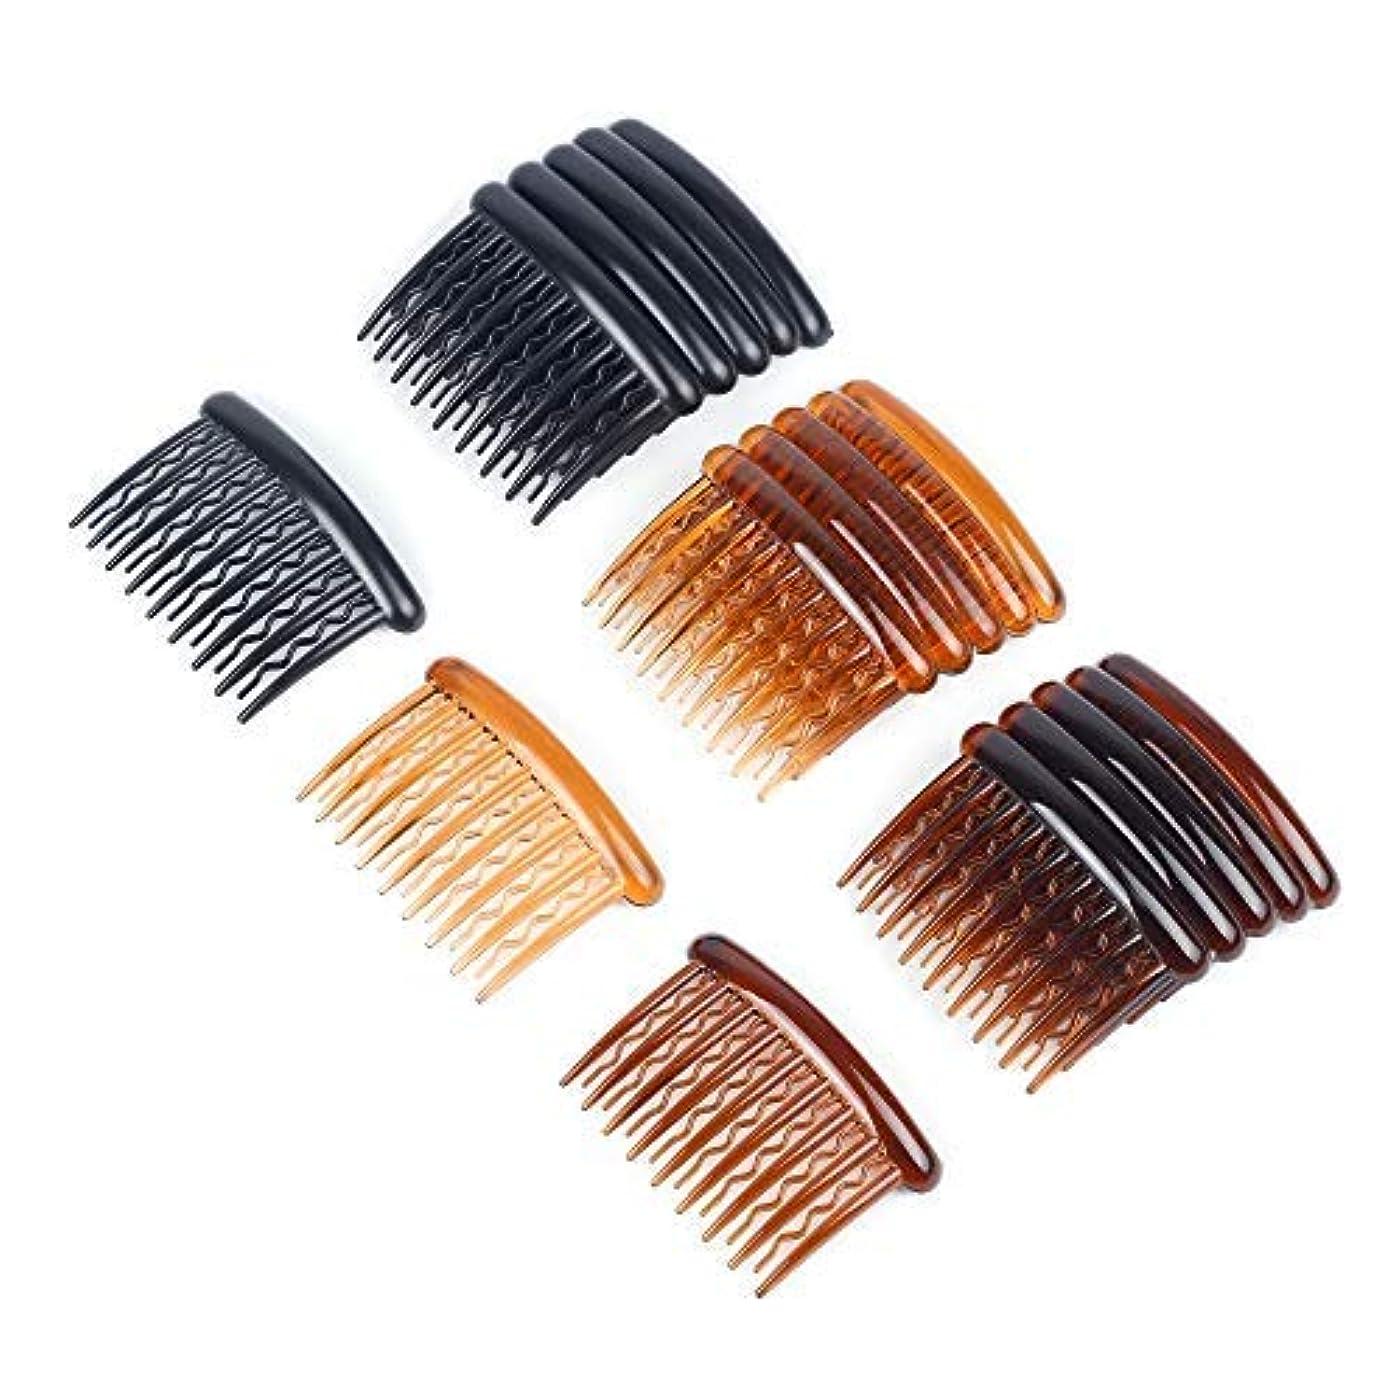 ソーダ水影響する秘書WBCBEC 18 Pieces Plastic Teeth Hair Combs Tortoise Side Comb Hair Accessories for Fine Hair [並行輸入品]